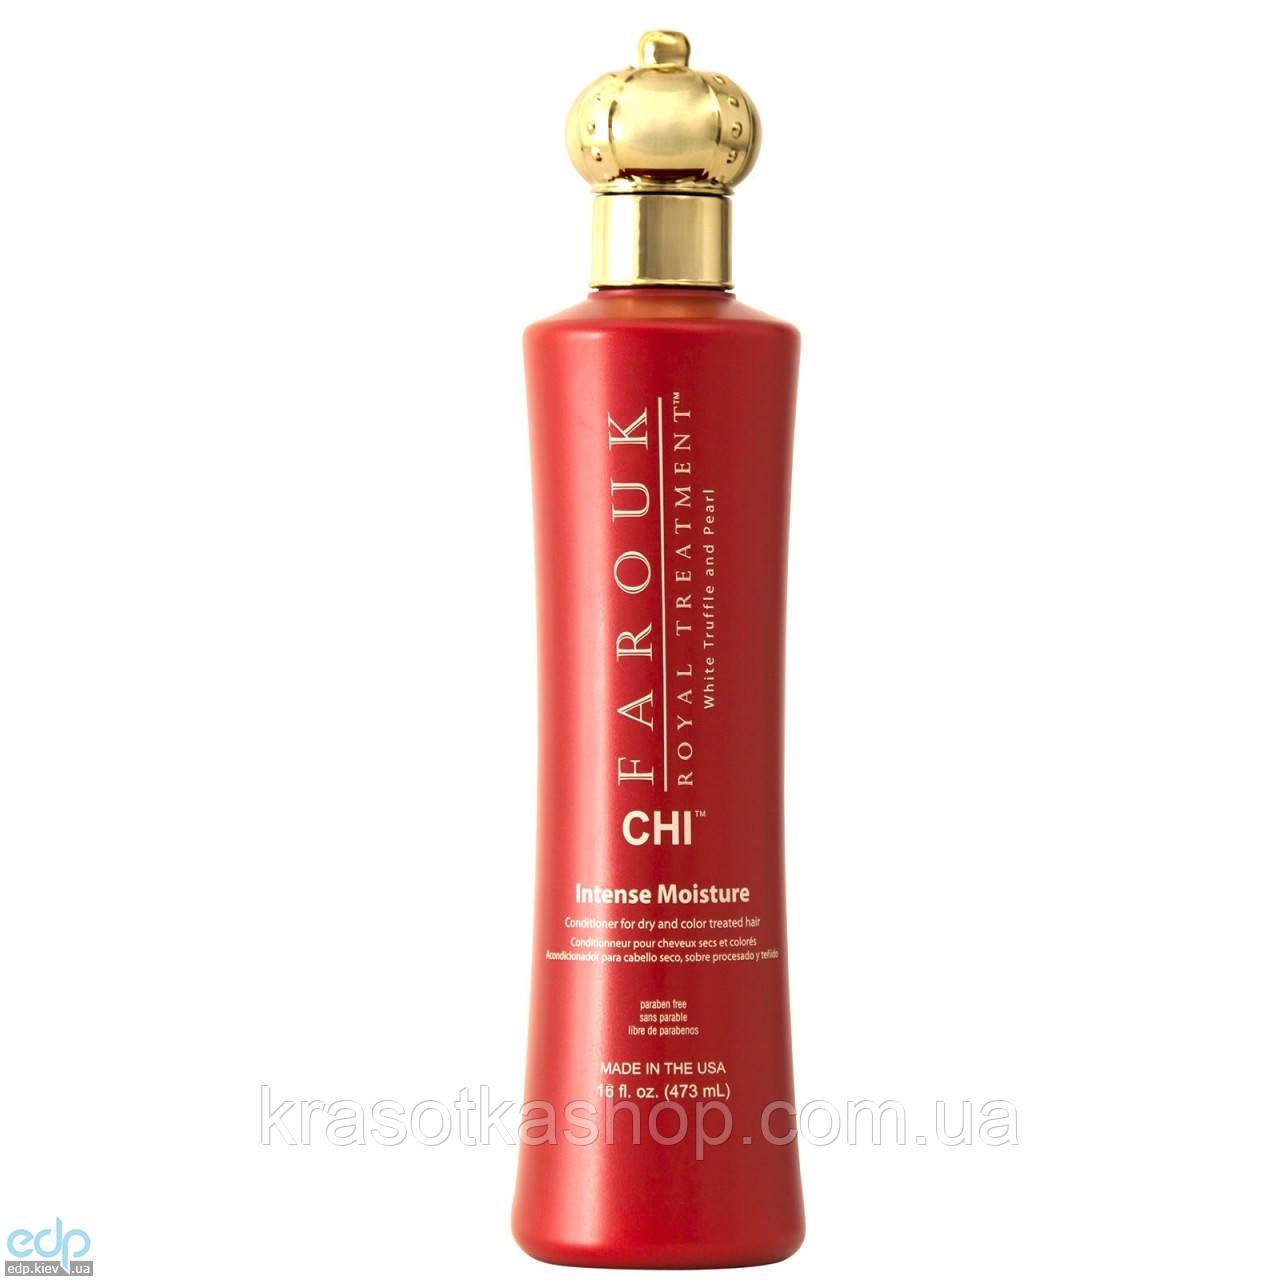 Intense Moisture 473 ml — Зволожуючий кондиціонер для сухого волосся